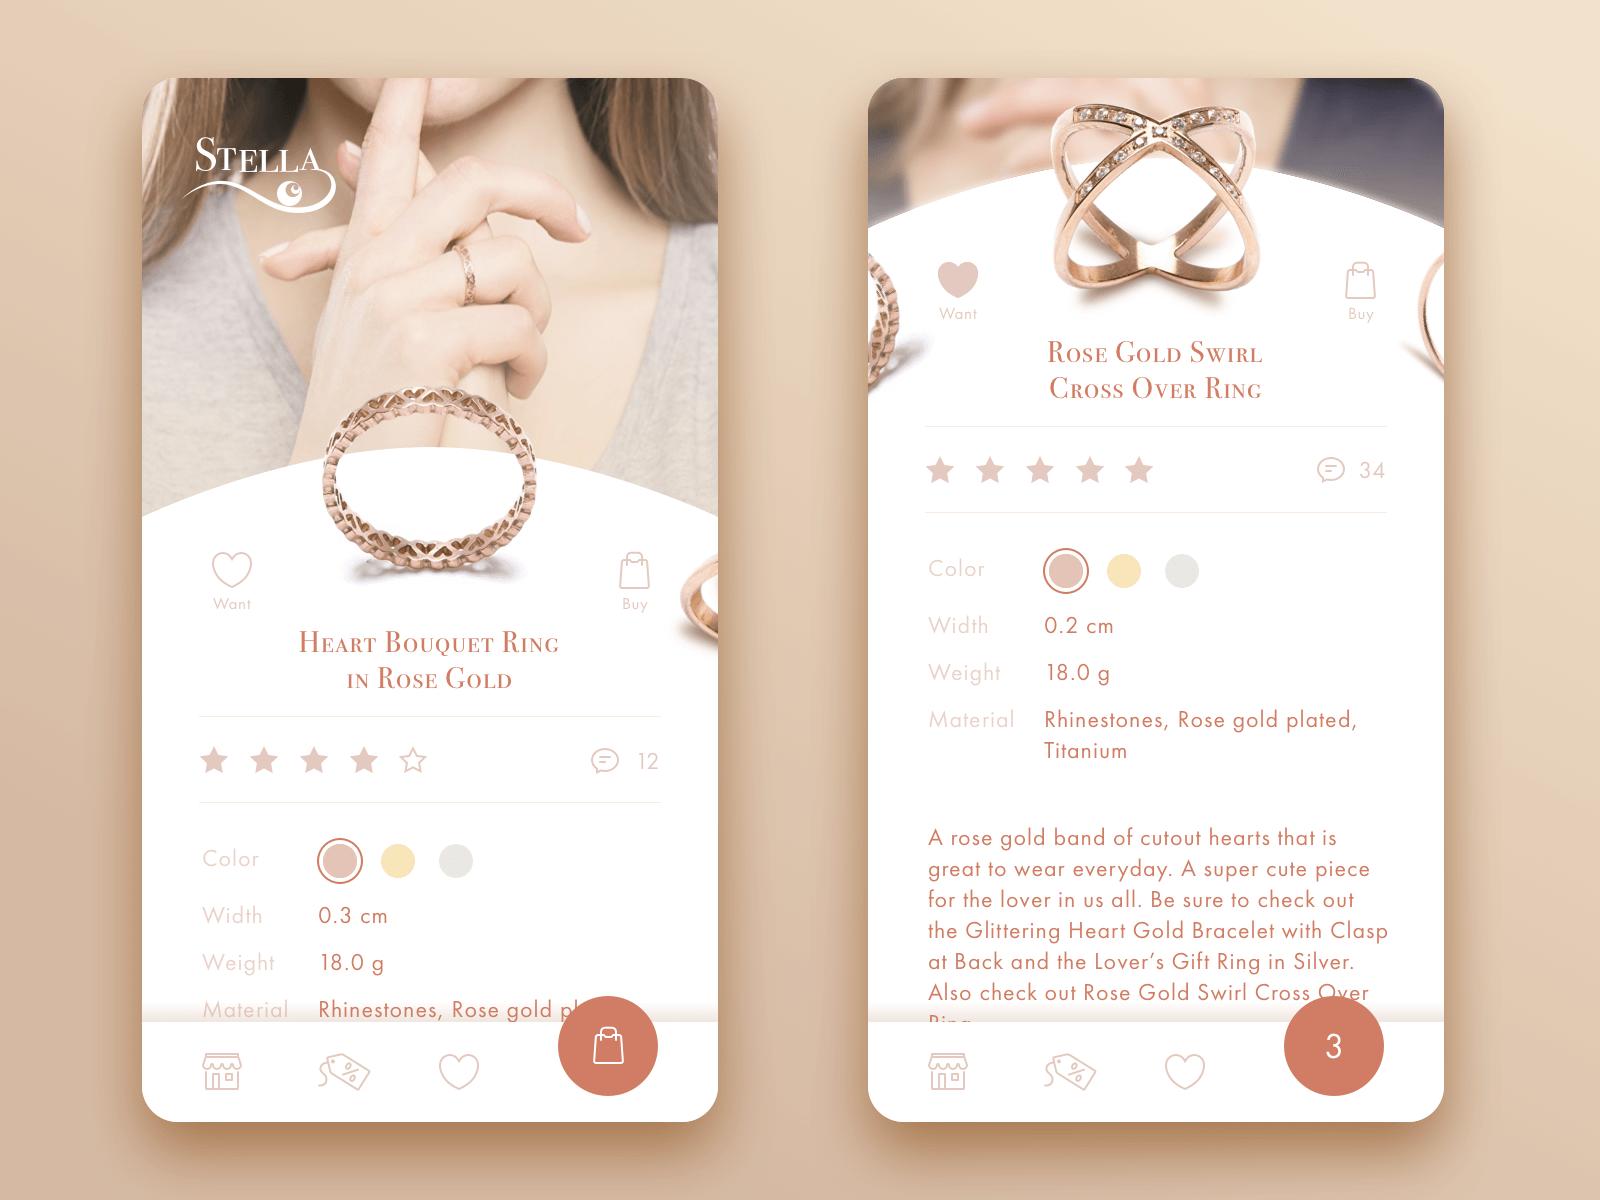 красивый дизайн для приложения интернет магазина